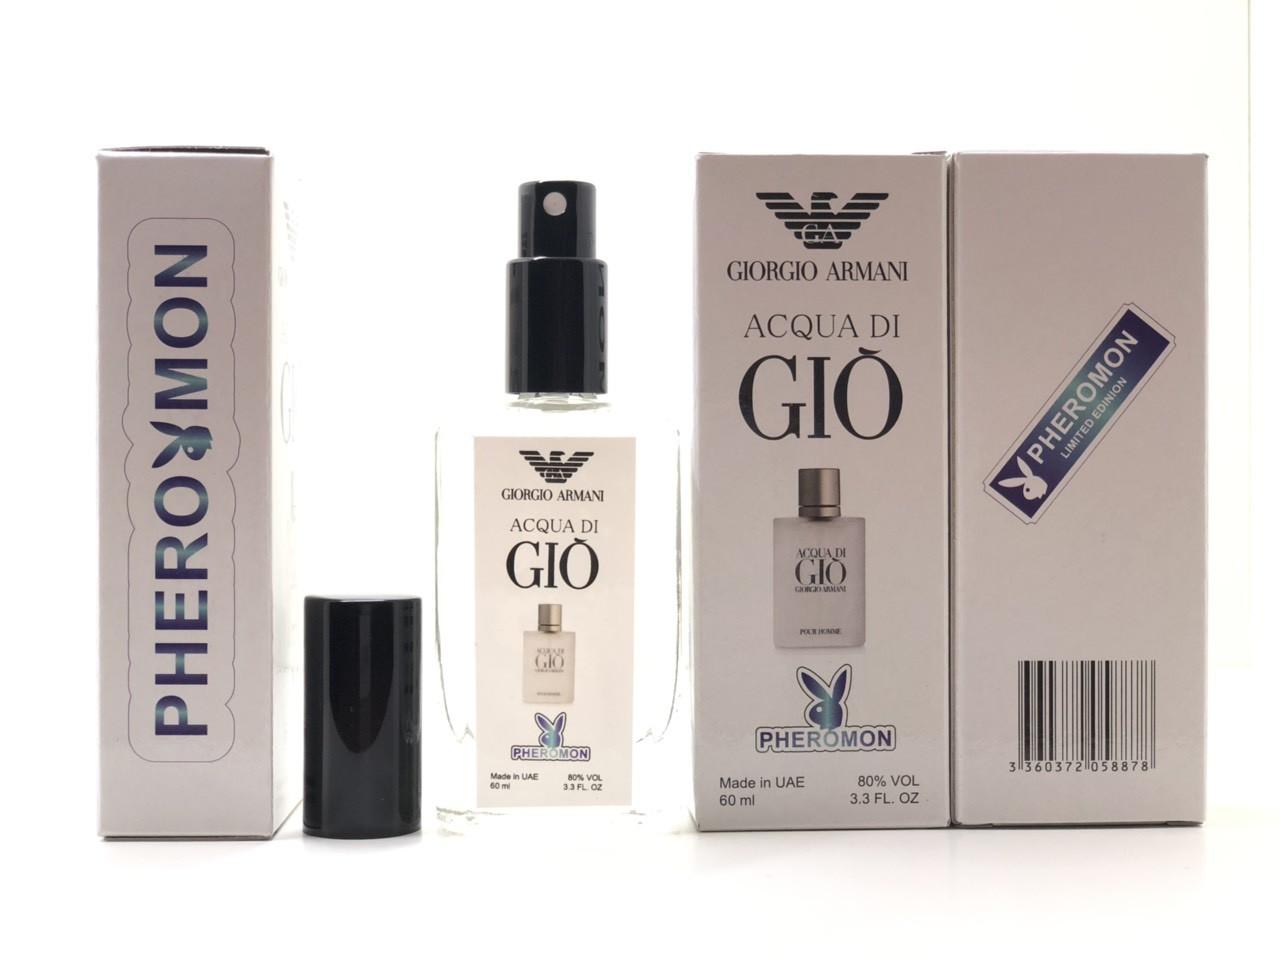 Тестер в подарочной упаковке GIORGIO ARMANI ACQUA DI GIO 60 мл в цветной упаковке с феромонами реплика